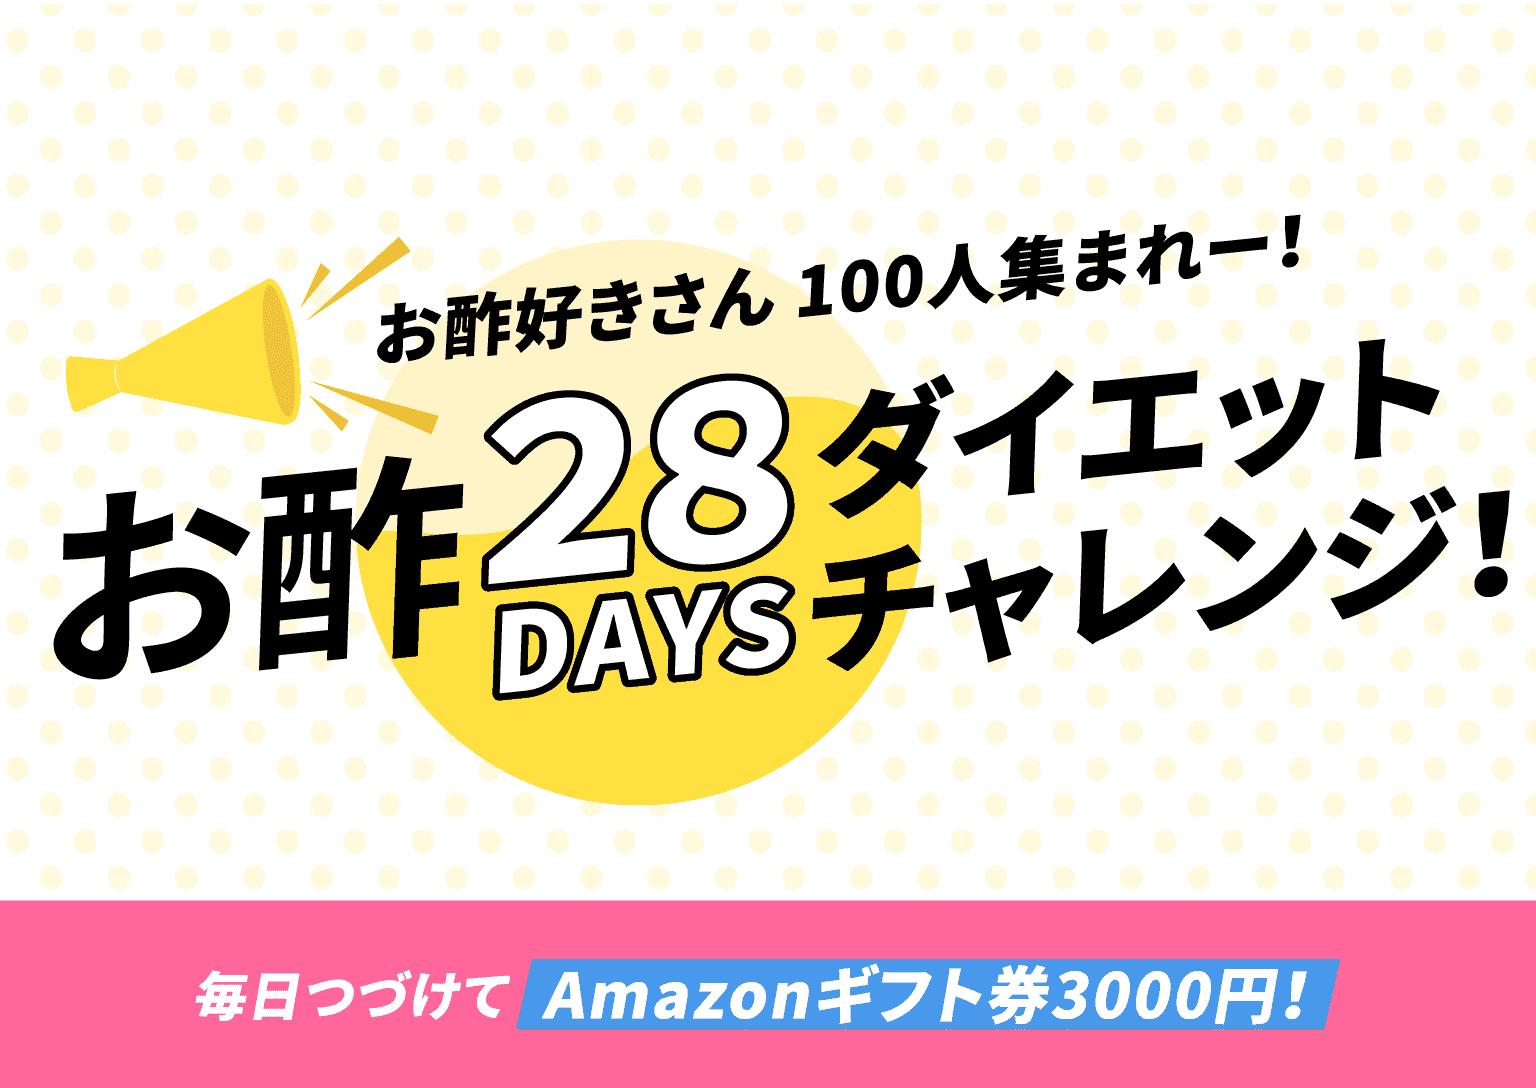 イメージイラスト_お酢でダイエットチャレンジ!